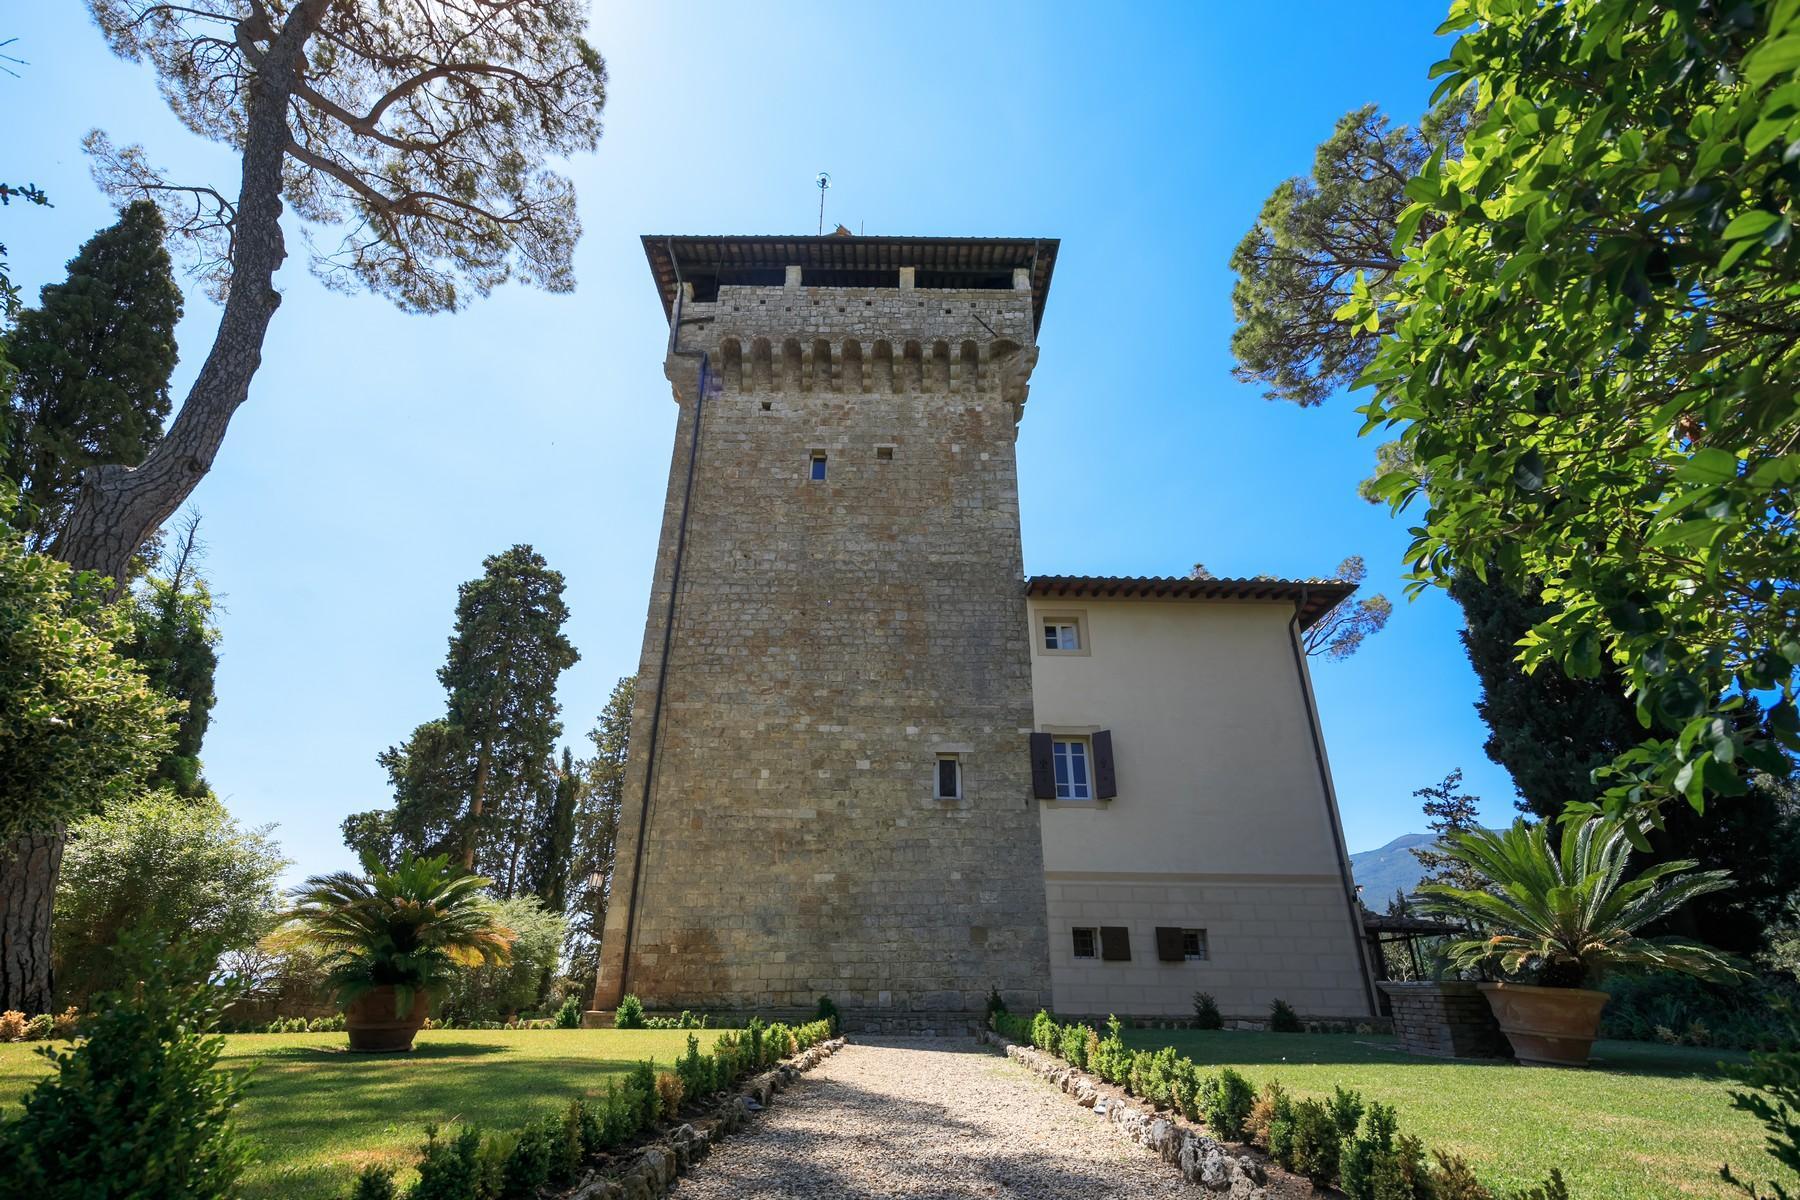 Восхитительное поместье с захватывающим видом на Тоскану в окрестностях Сиены, Италия - 28